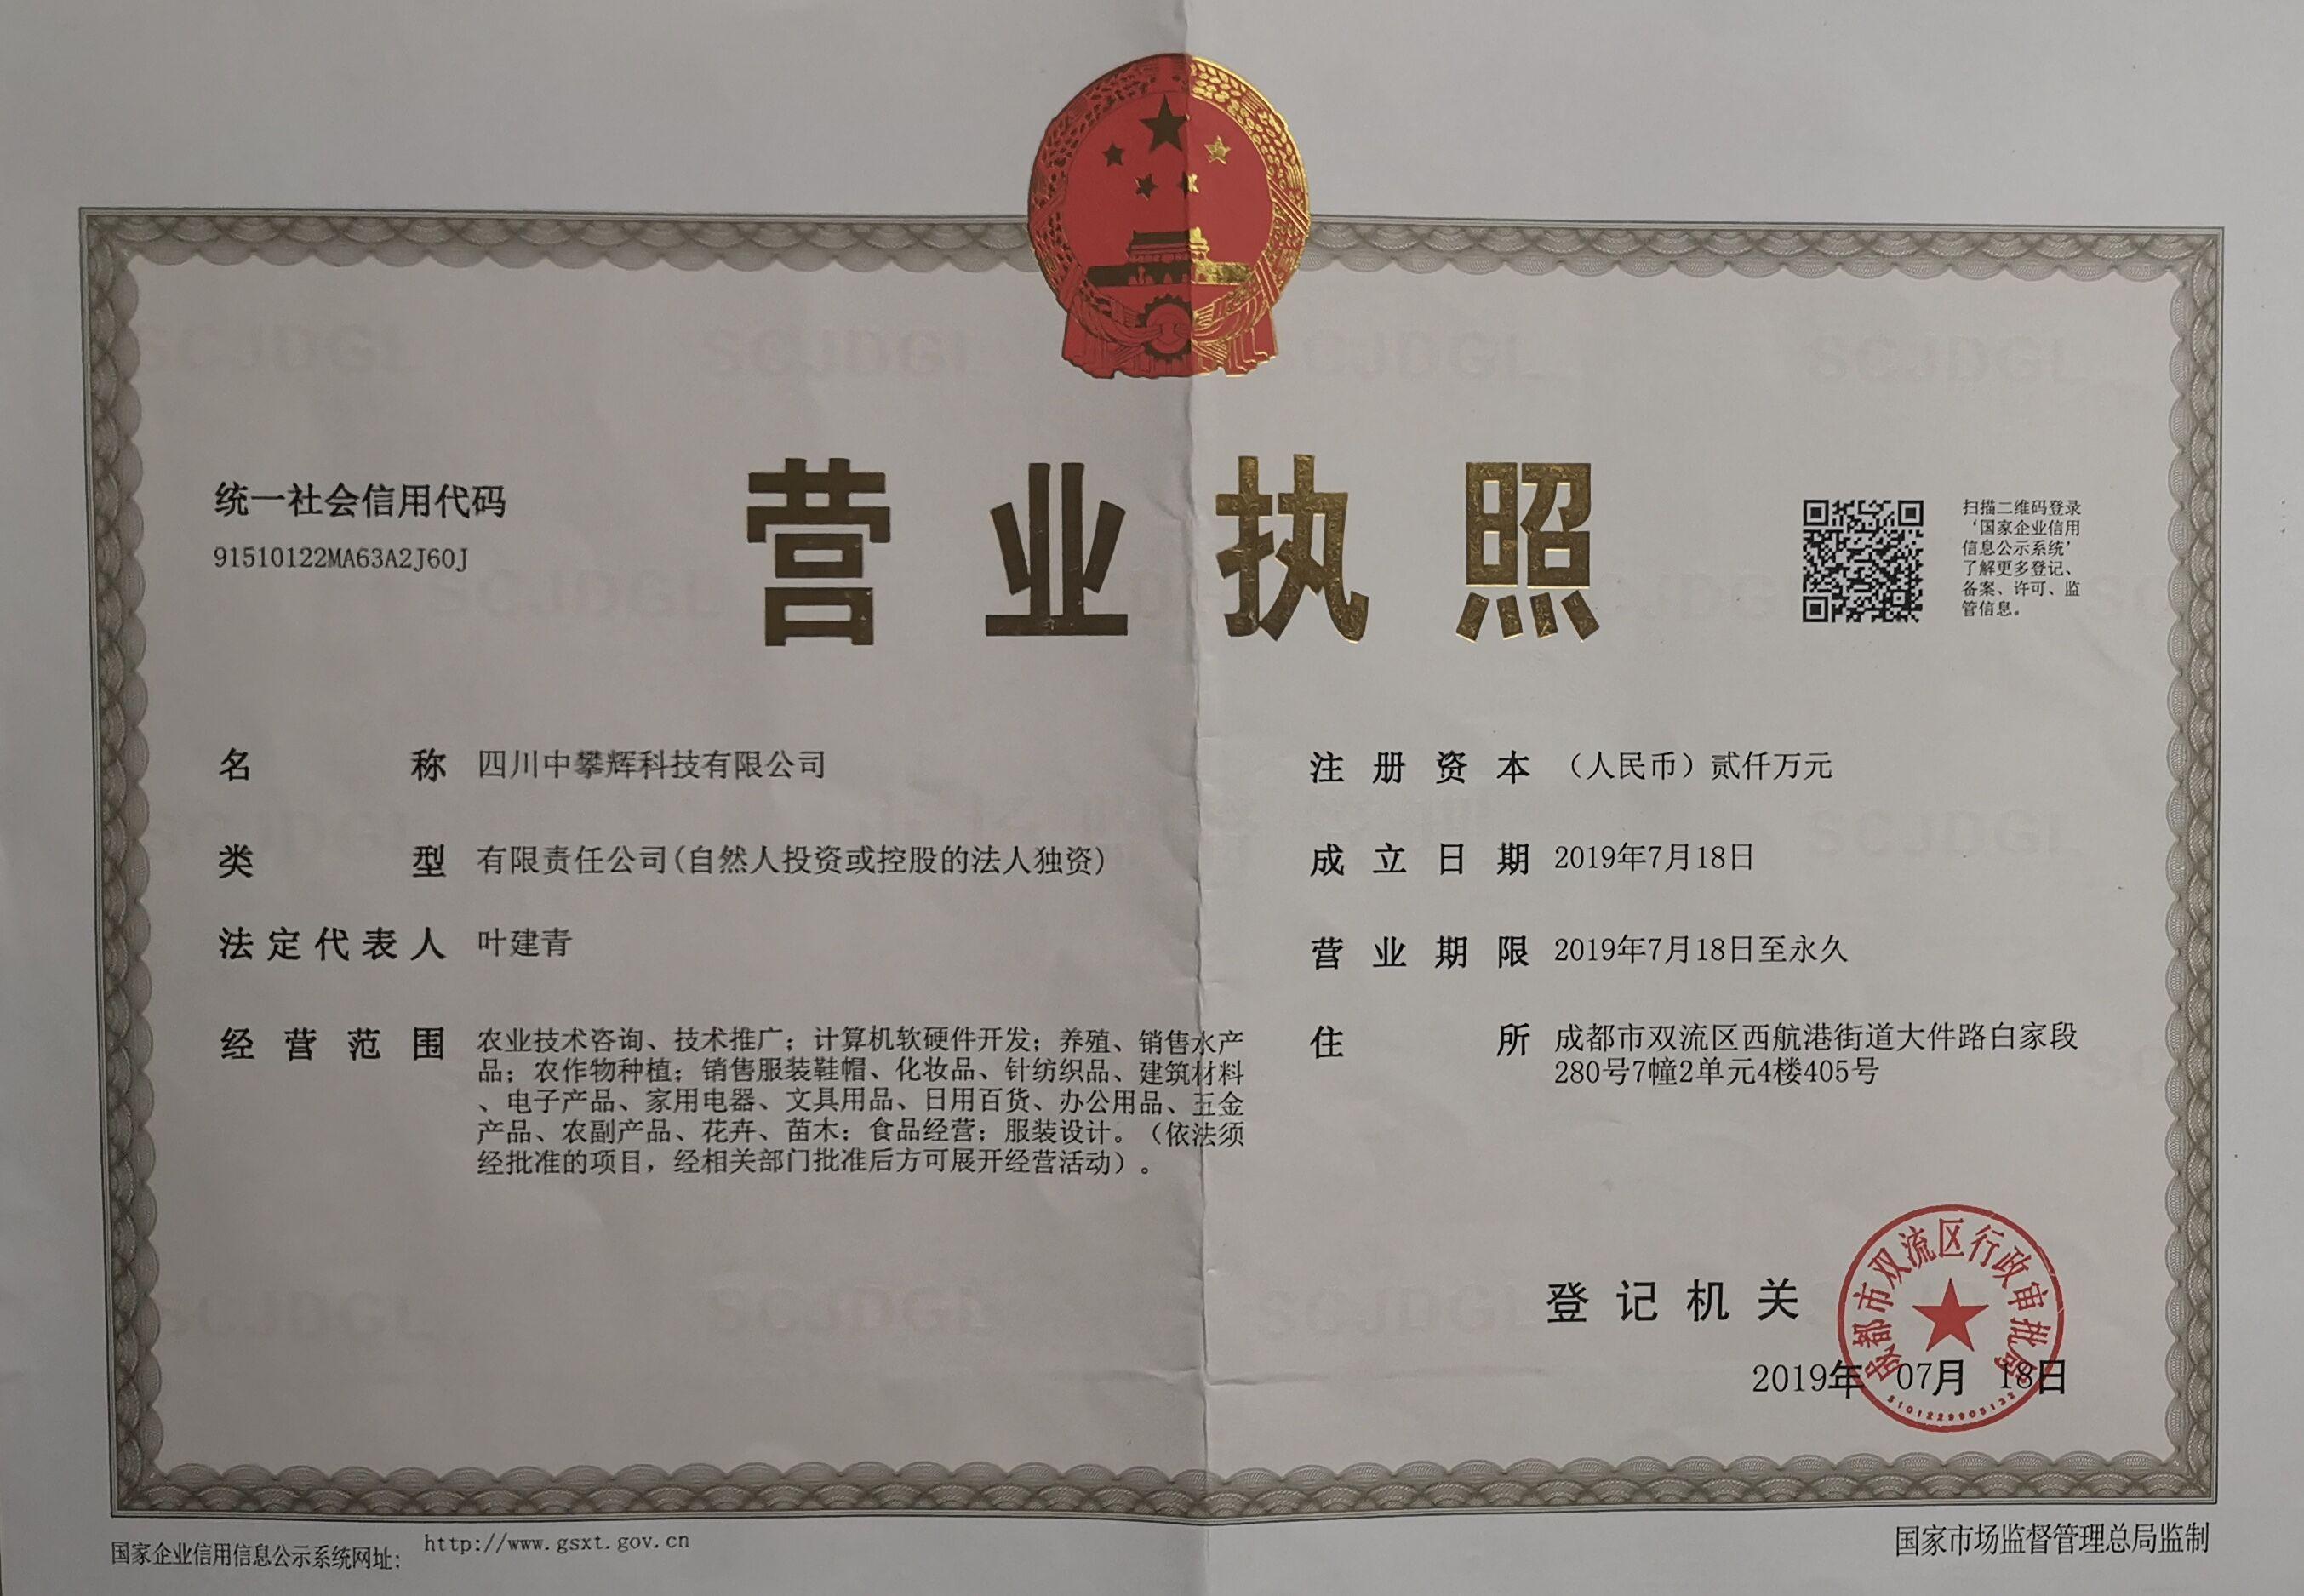 四川ag88环亚平台輝科技有限公司